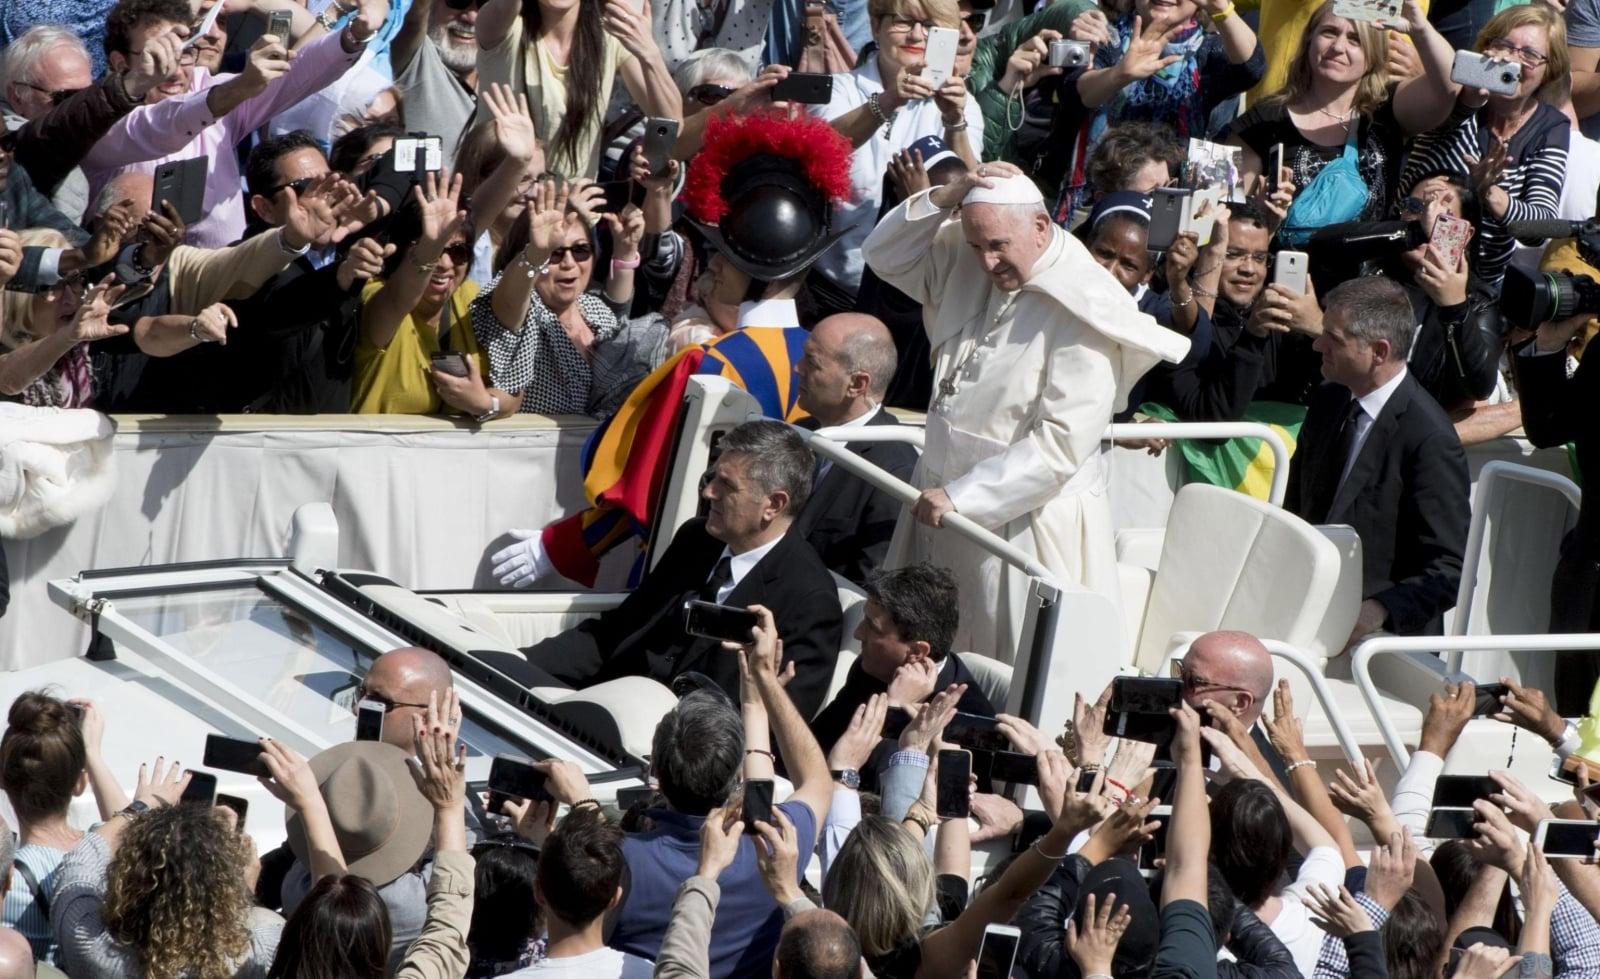 Papież Franciszek pozdrawia wiernych na zakończenie mszy odprawianej w niedzielę Bożego Miłosierdzia oraz przy okazji spotkania Misjonarzy Miłosierdzia na placu Świętego Piotra, Watykan, fot. EPA/CLAUDIO PERI